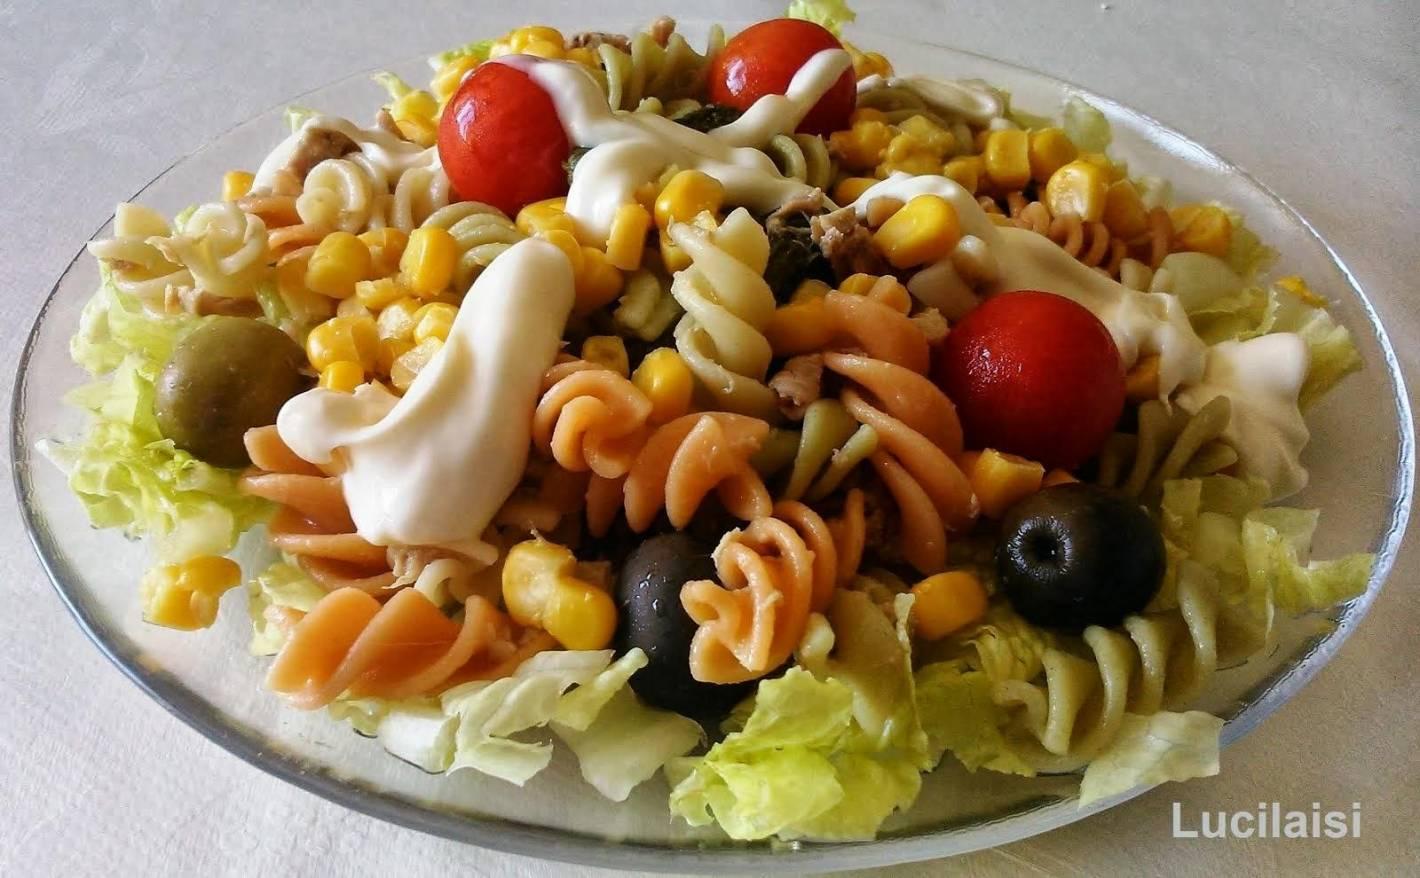 Seis buenas ideas para cocinar con poco tiempo y presupuesto ...